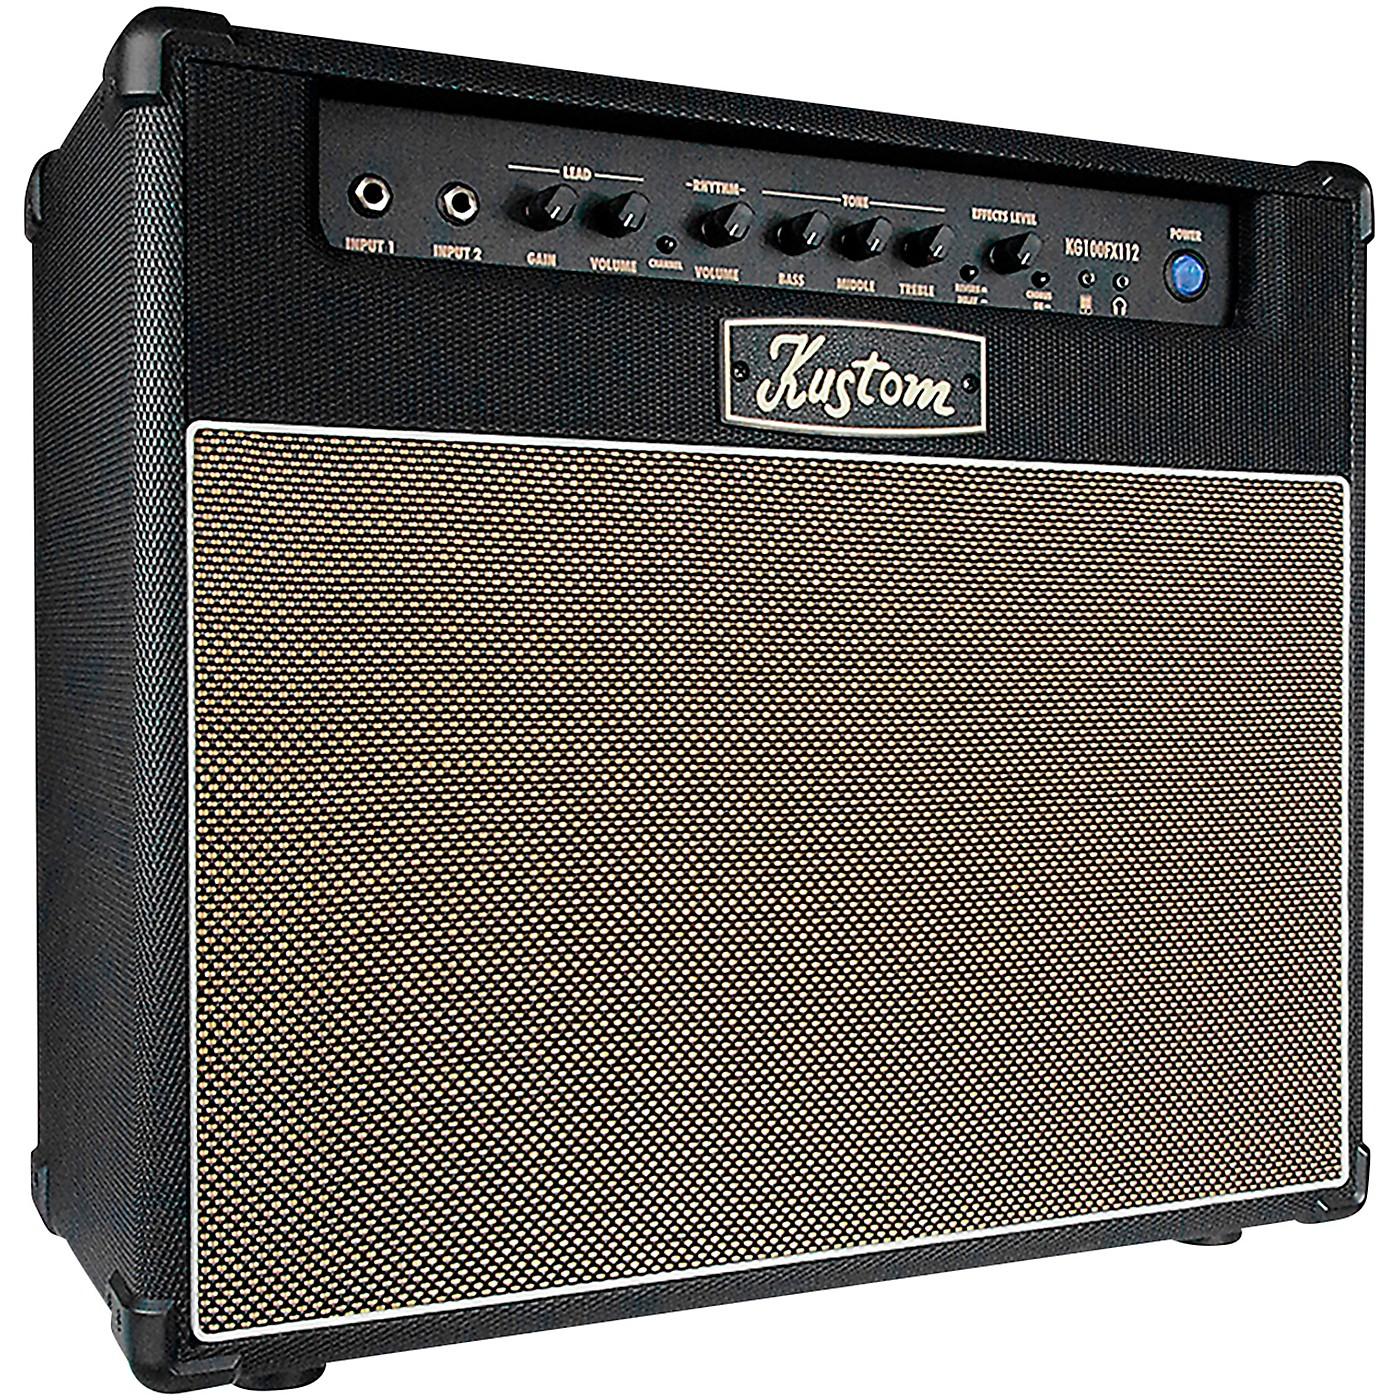 Kustom Kustom KG100FX112 100-Watt 1x12 Guitar Combo Amplifier thumbnail